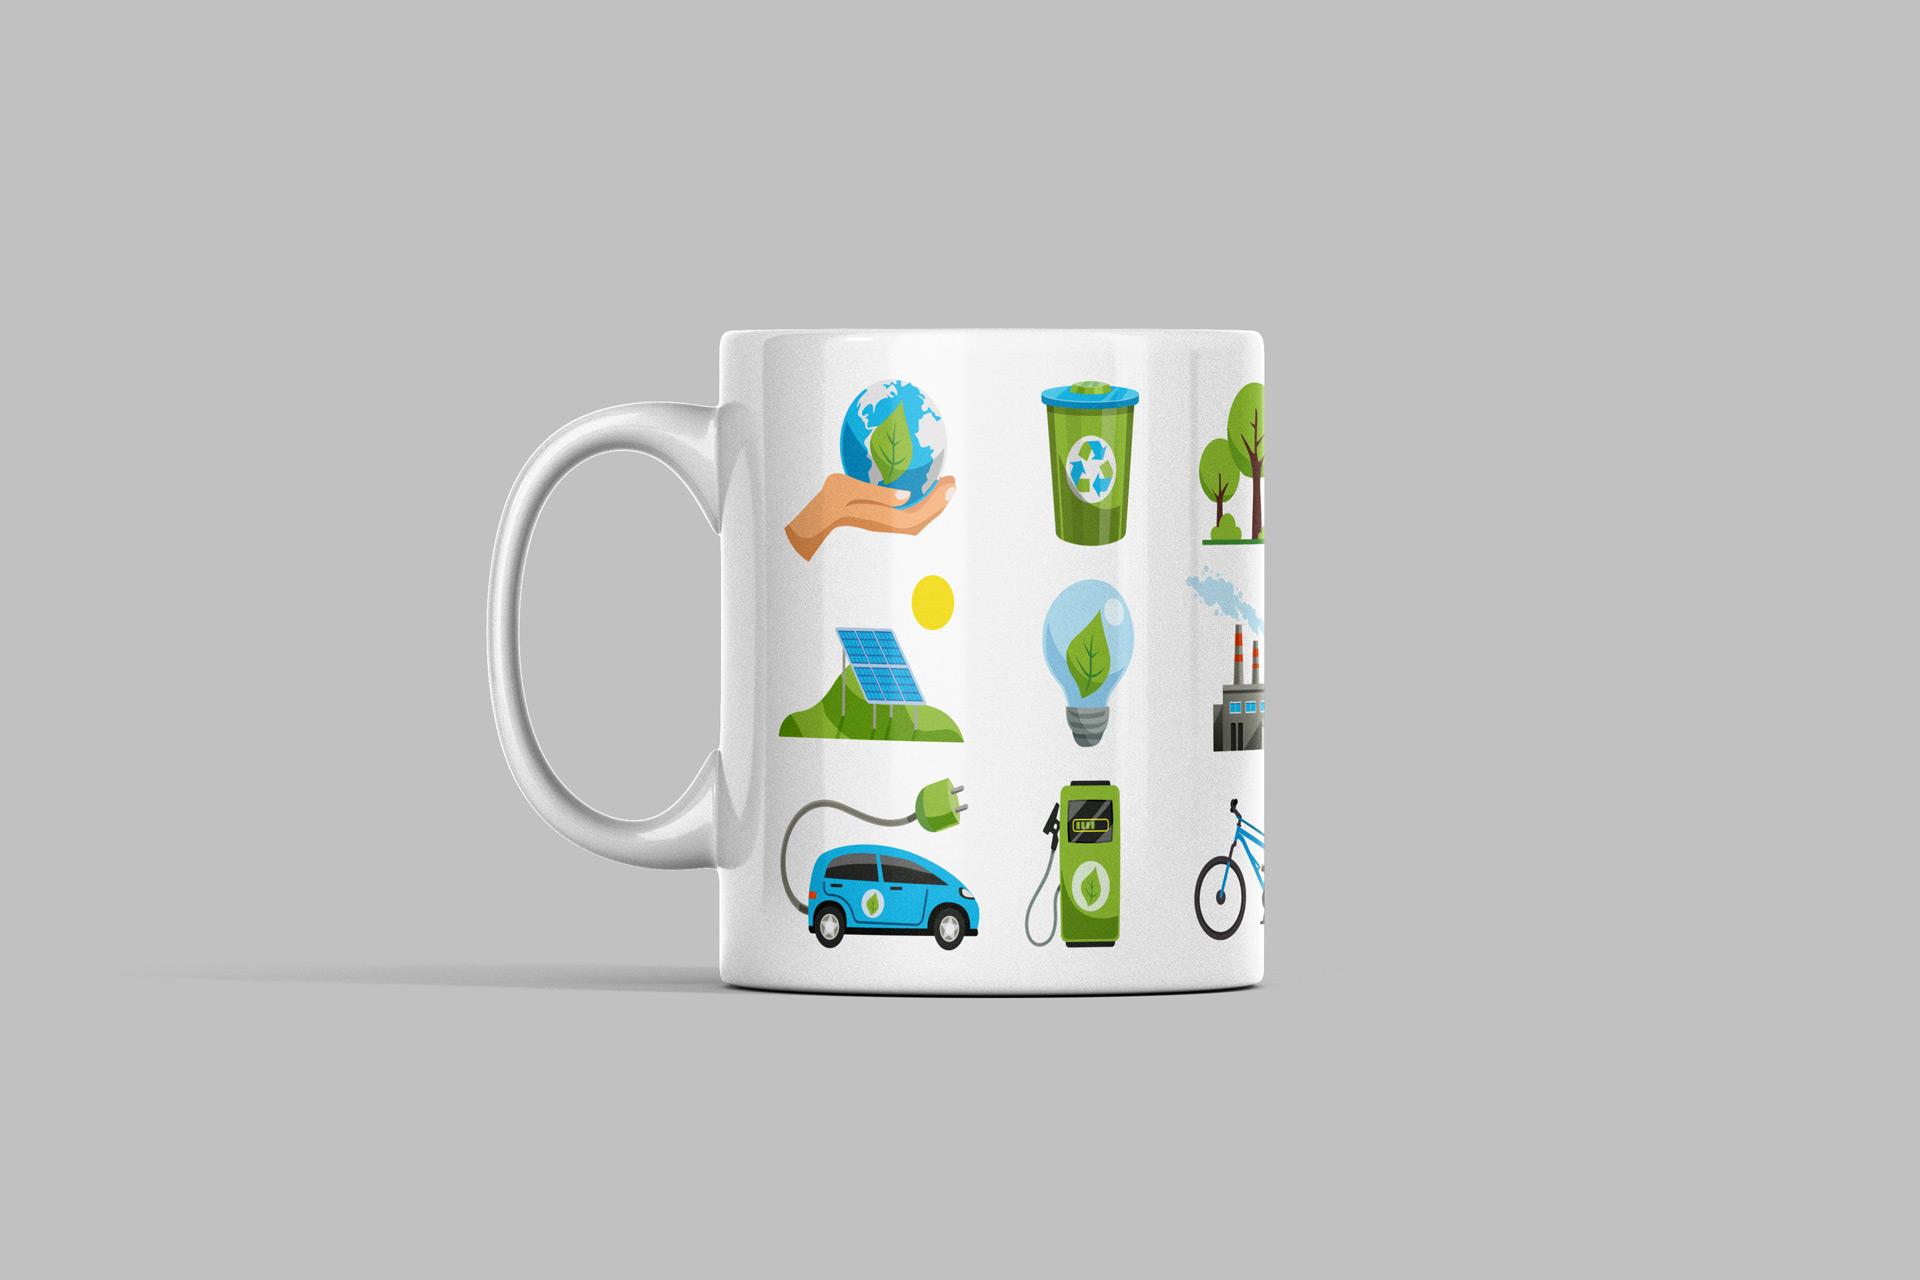 Projektowanie-graficzne-Natural-Energy-Gadżety-reklamowe-1